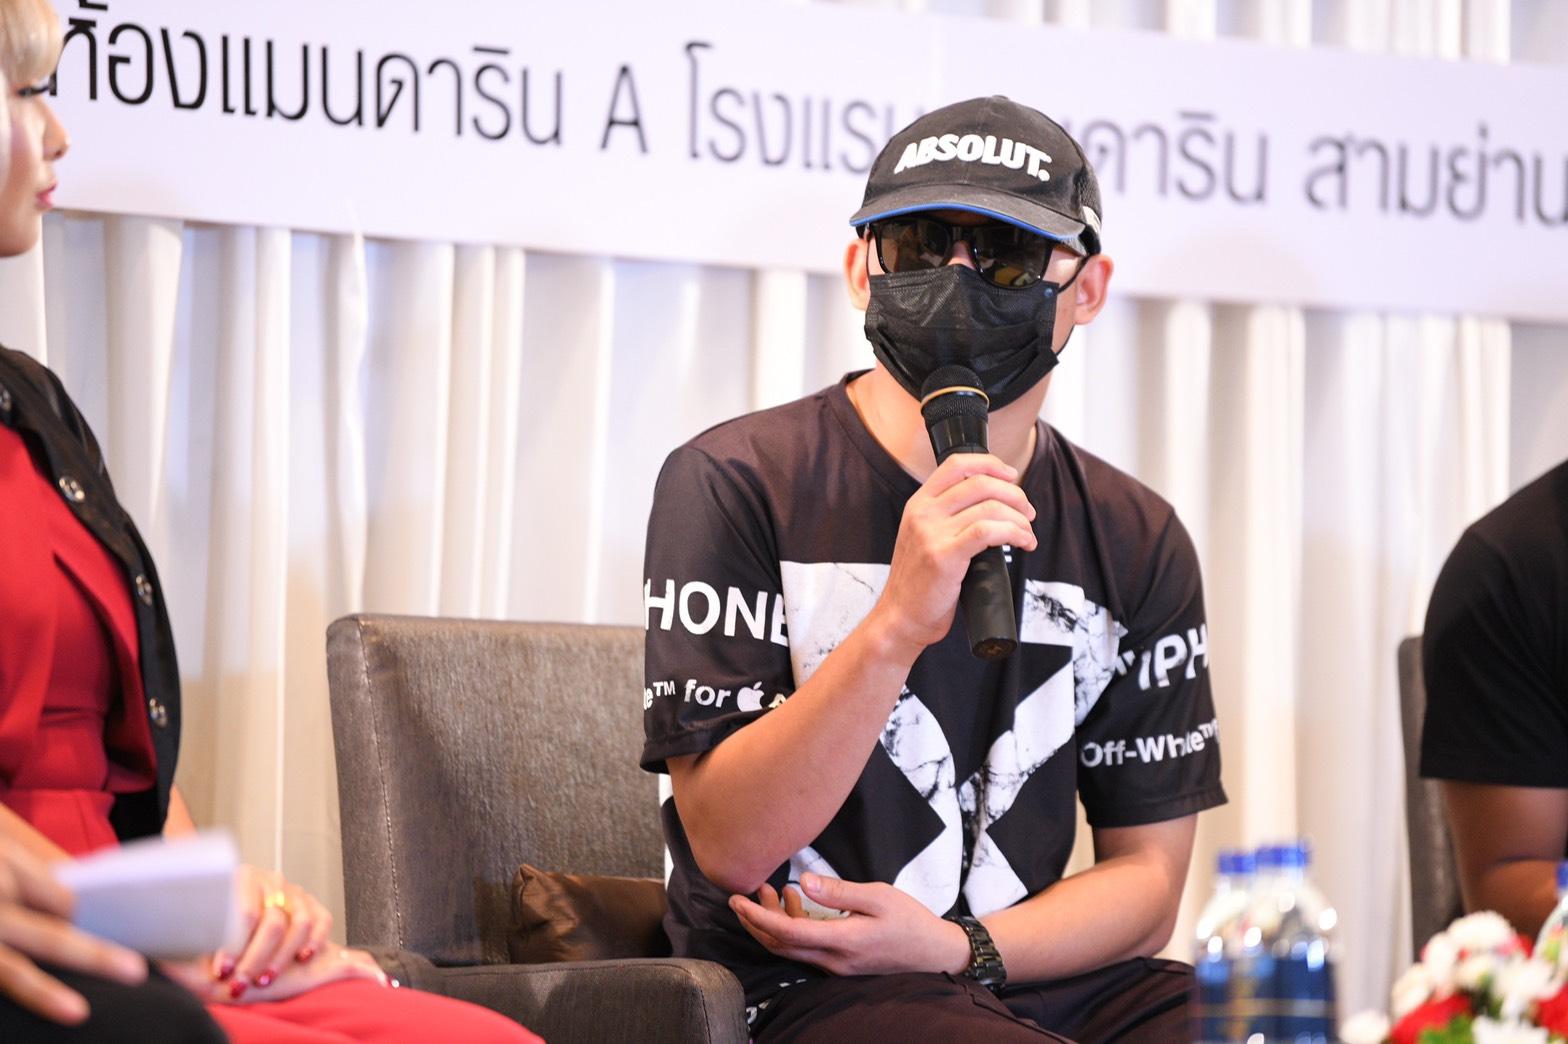 สสส.ปลุกสังคมป้องกัน กับดัก...เยาวชน thaihealth